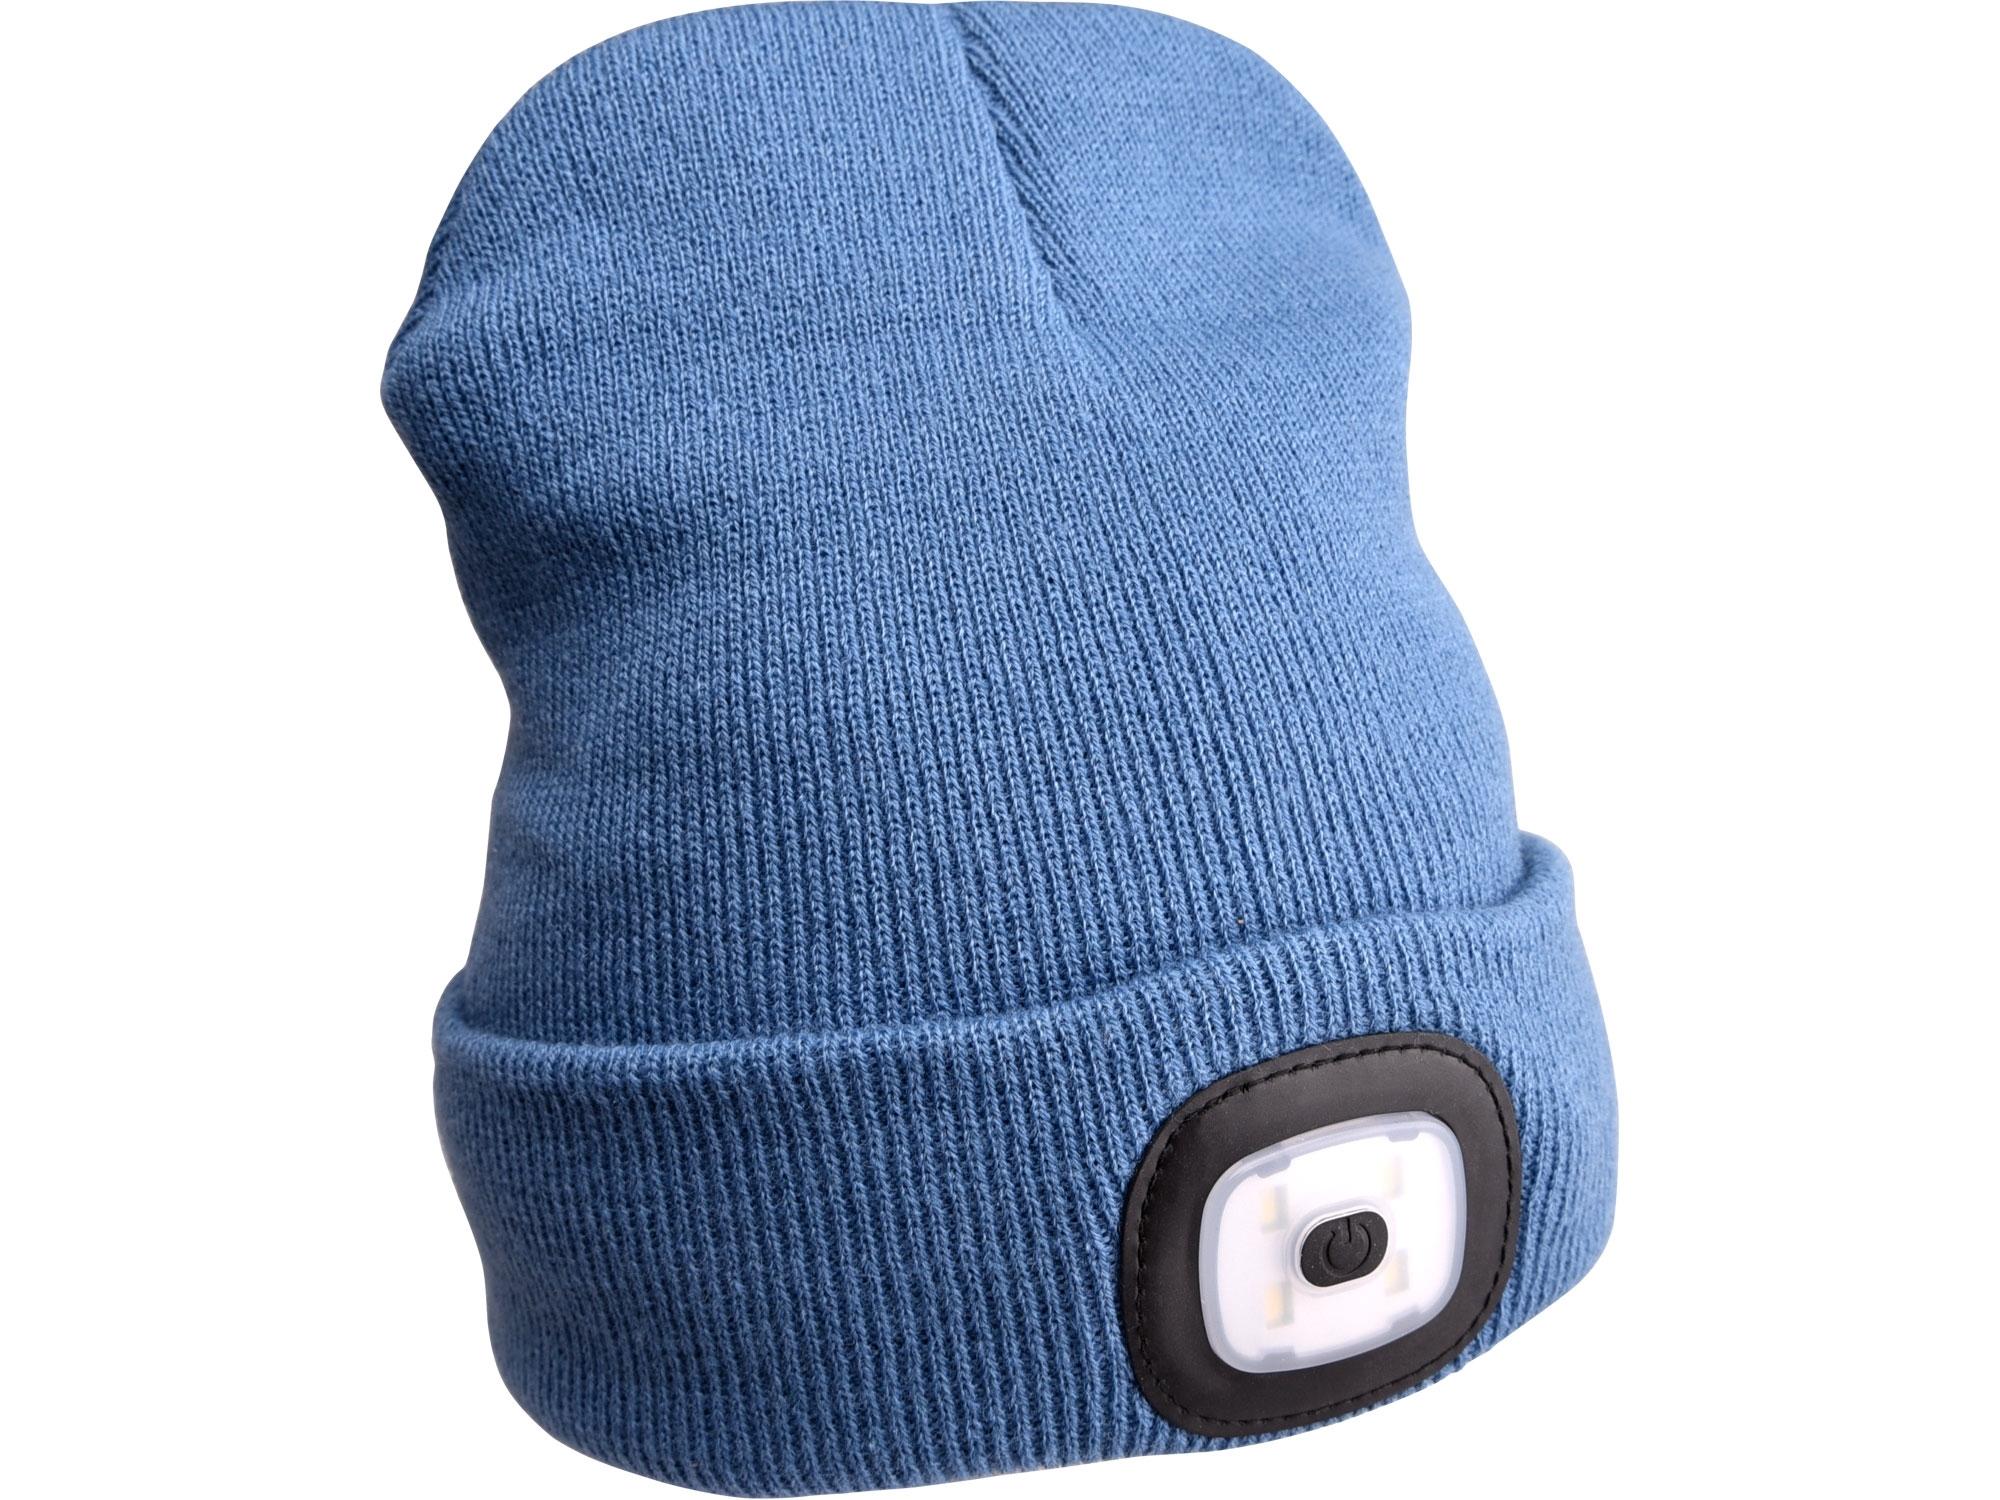 čepice s čelovkou 45lm, nabíjecí, USB, modrá, univerzální velikost